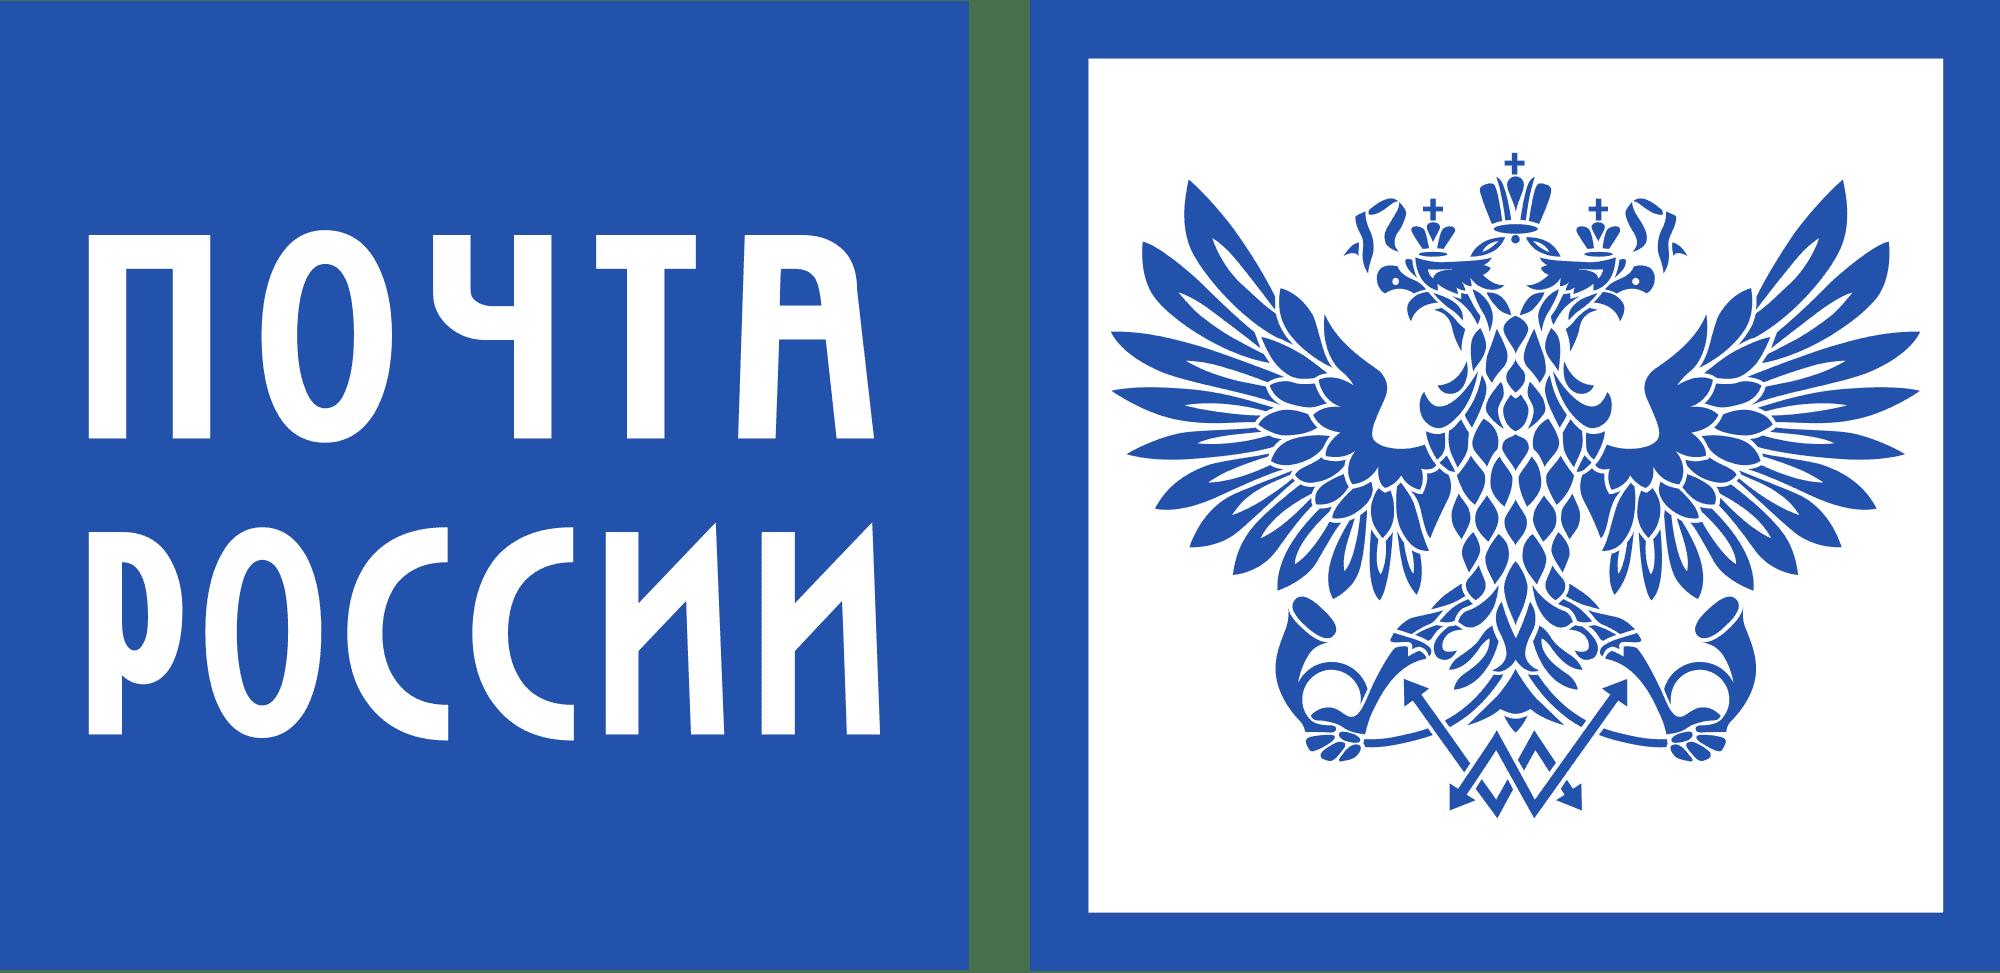 Университет 20.35 и Почта России начнут сотрудничать в подготовке кадров для цифровой экономики